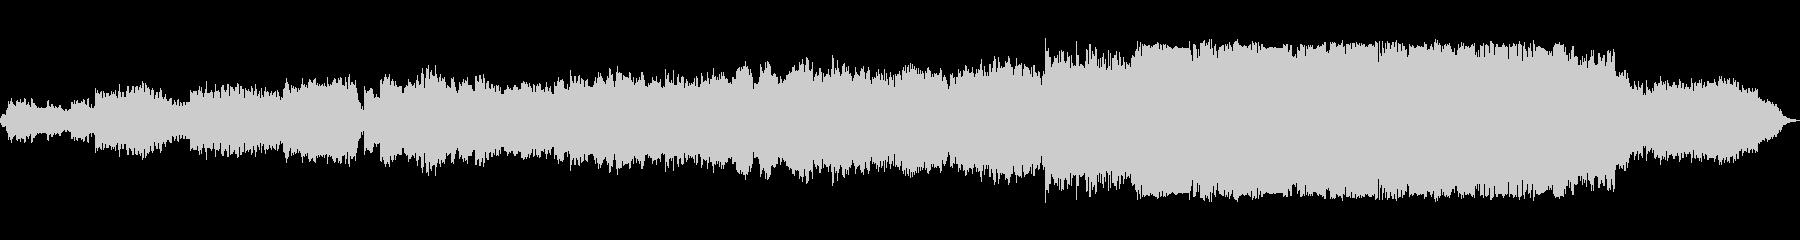 切ない感動系オーケストラ劇伴・BGMの未再生の波形